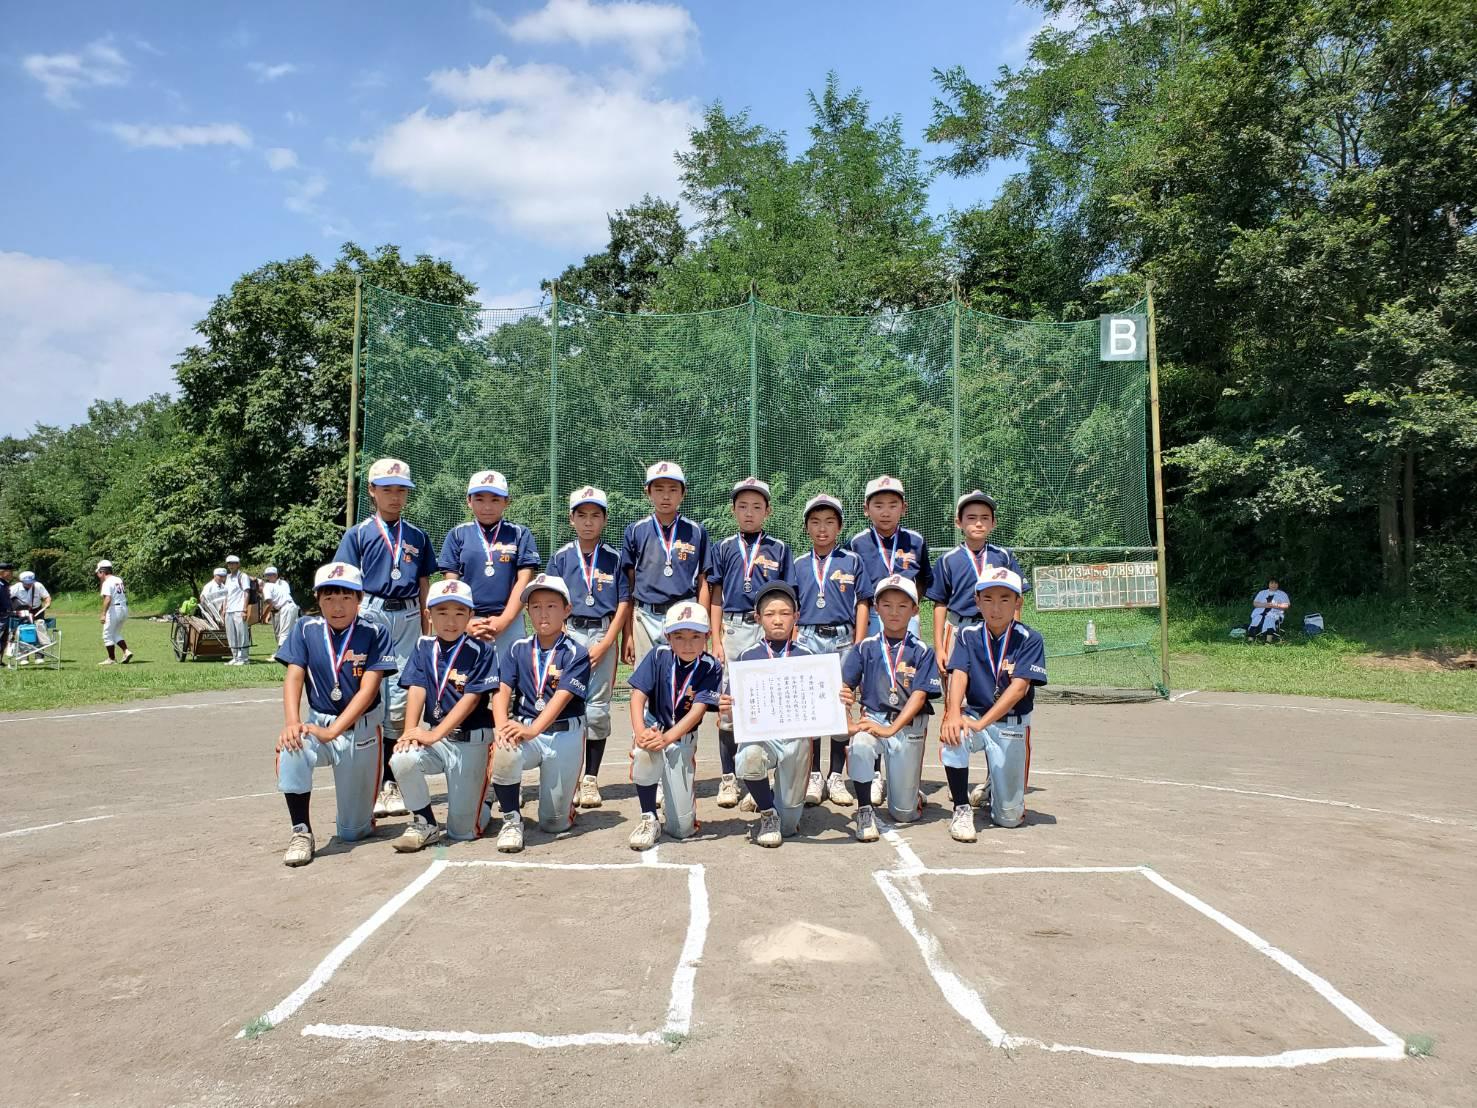 第34回 八王子少年軟式野球 新人戦大会 準優勝 アンギラス 令和元年8月25日